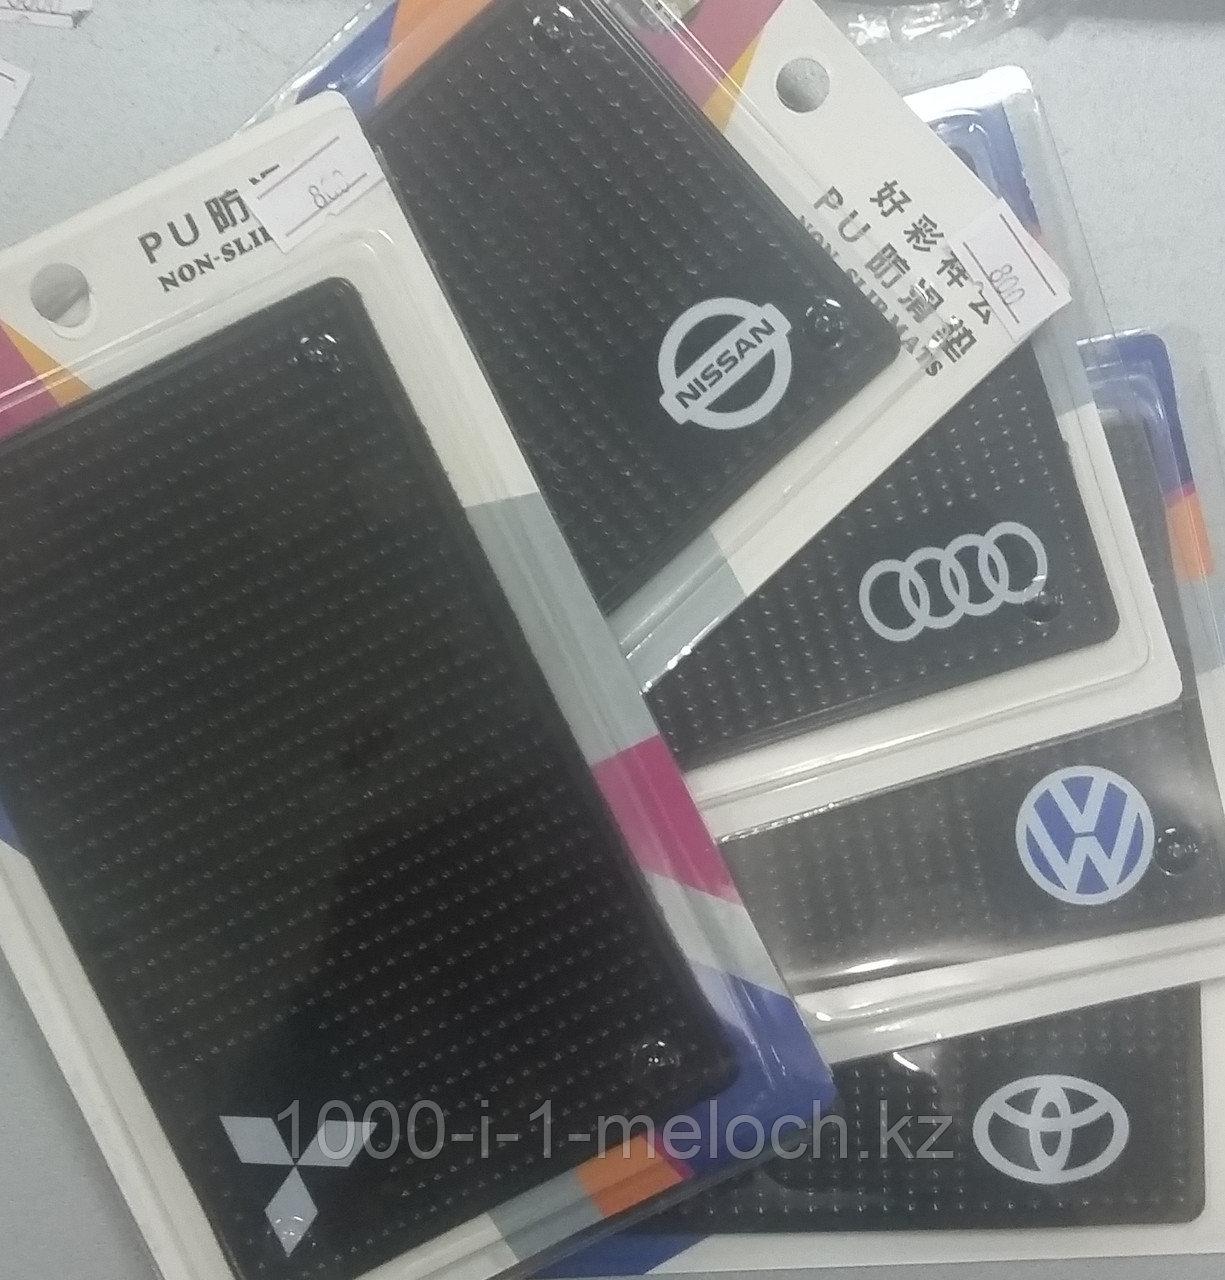 Противоскользящий силиконовый коврик коврики с марками машин. Алматы - фото 1